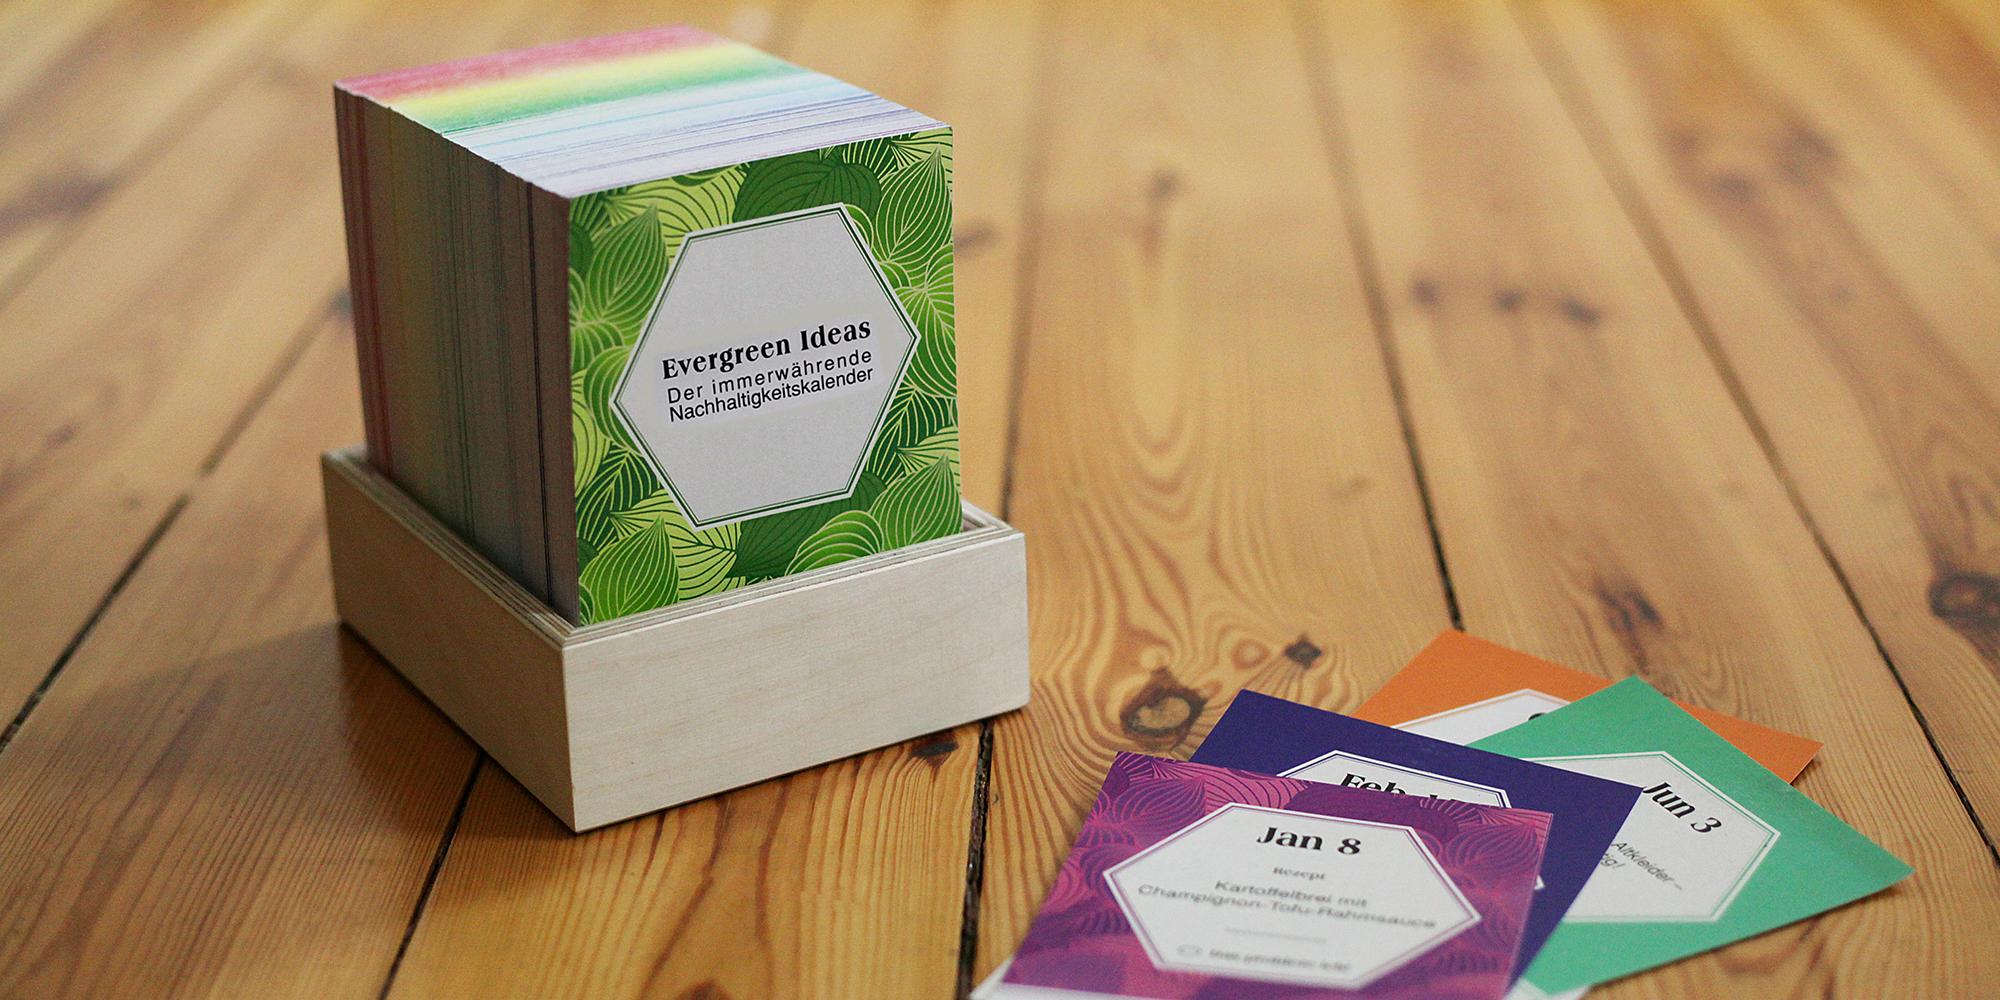 Immerwährender Kalender mit Nachhaltigkeitstipps (Foto: Evergreen Ideas)